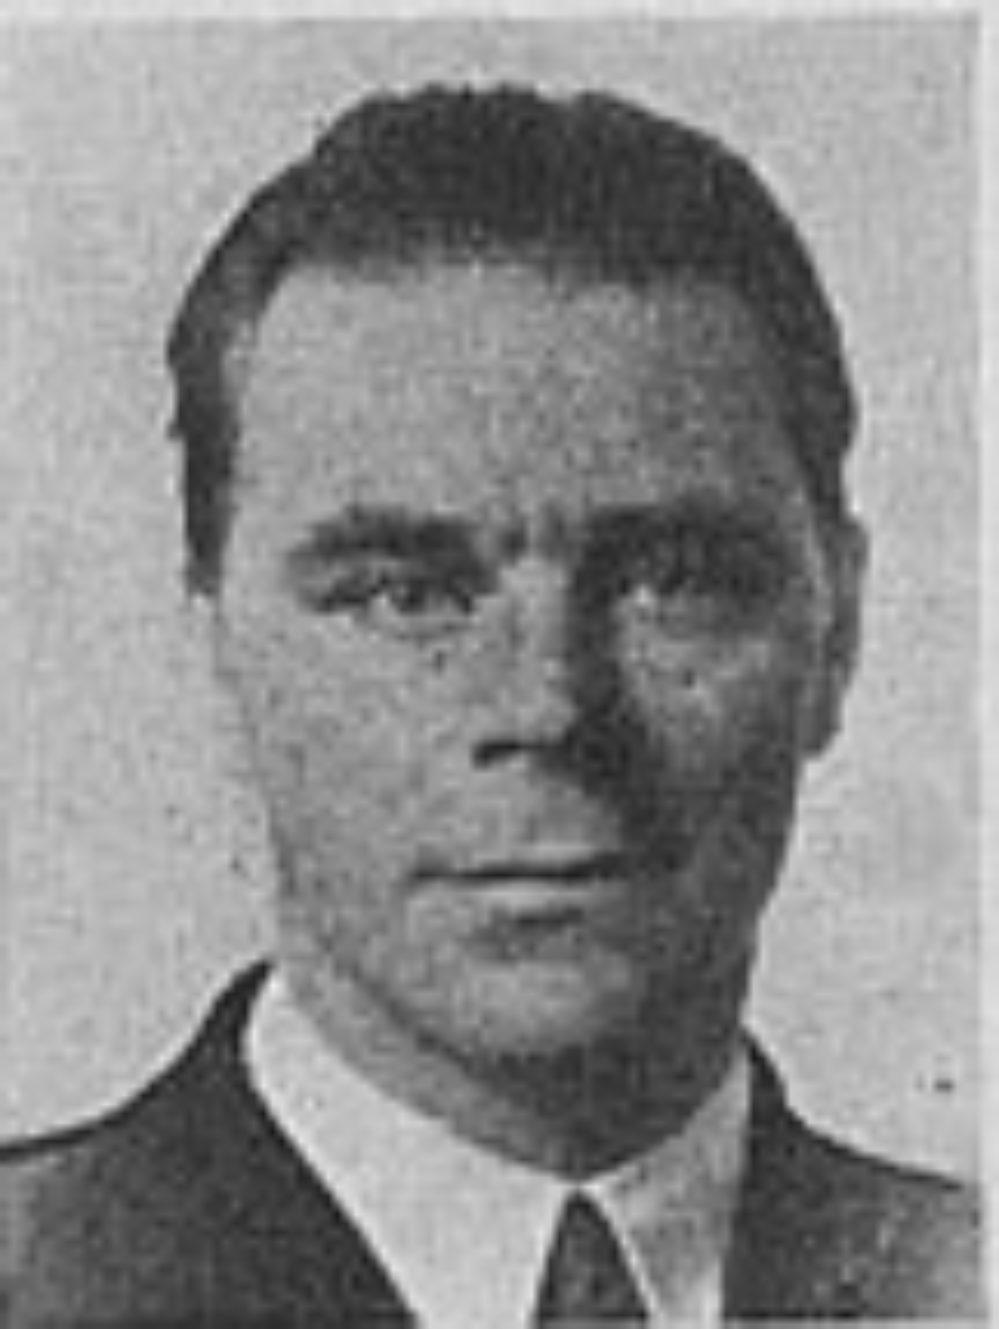 Anton Martinius Dahl